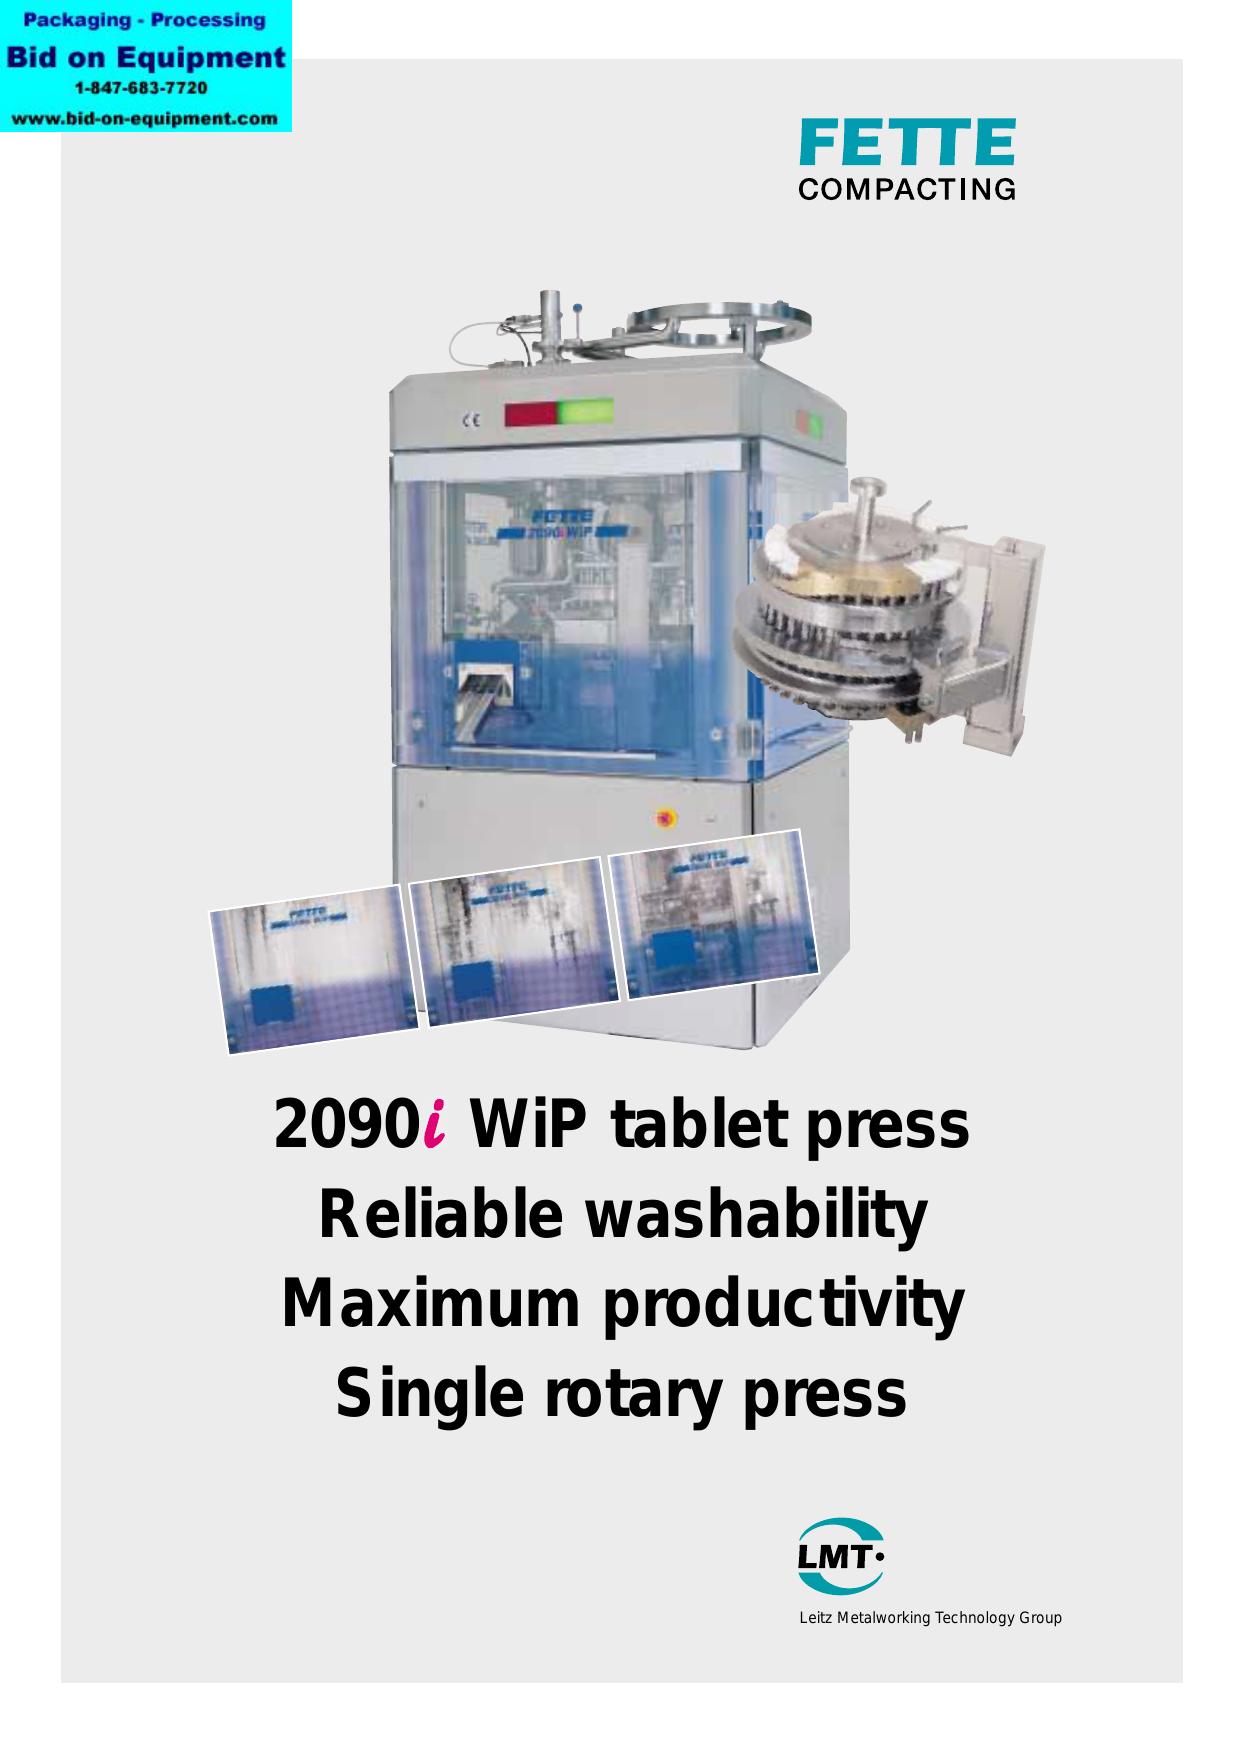 2090 WiP tablet press Reliable washability | manualzz com